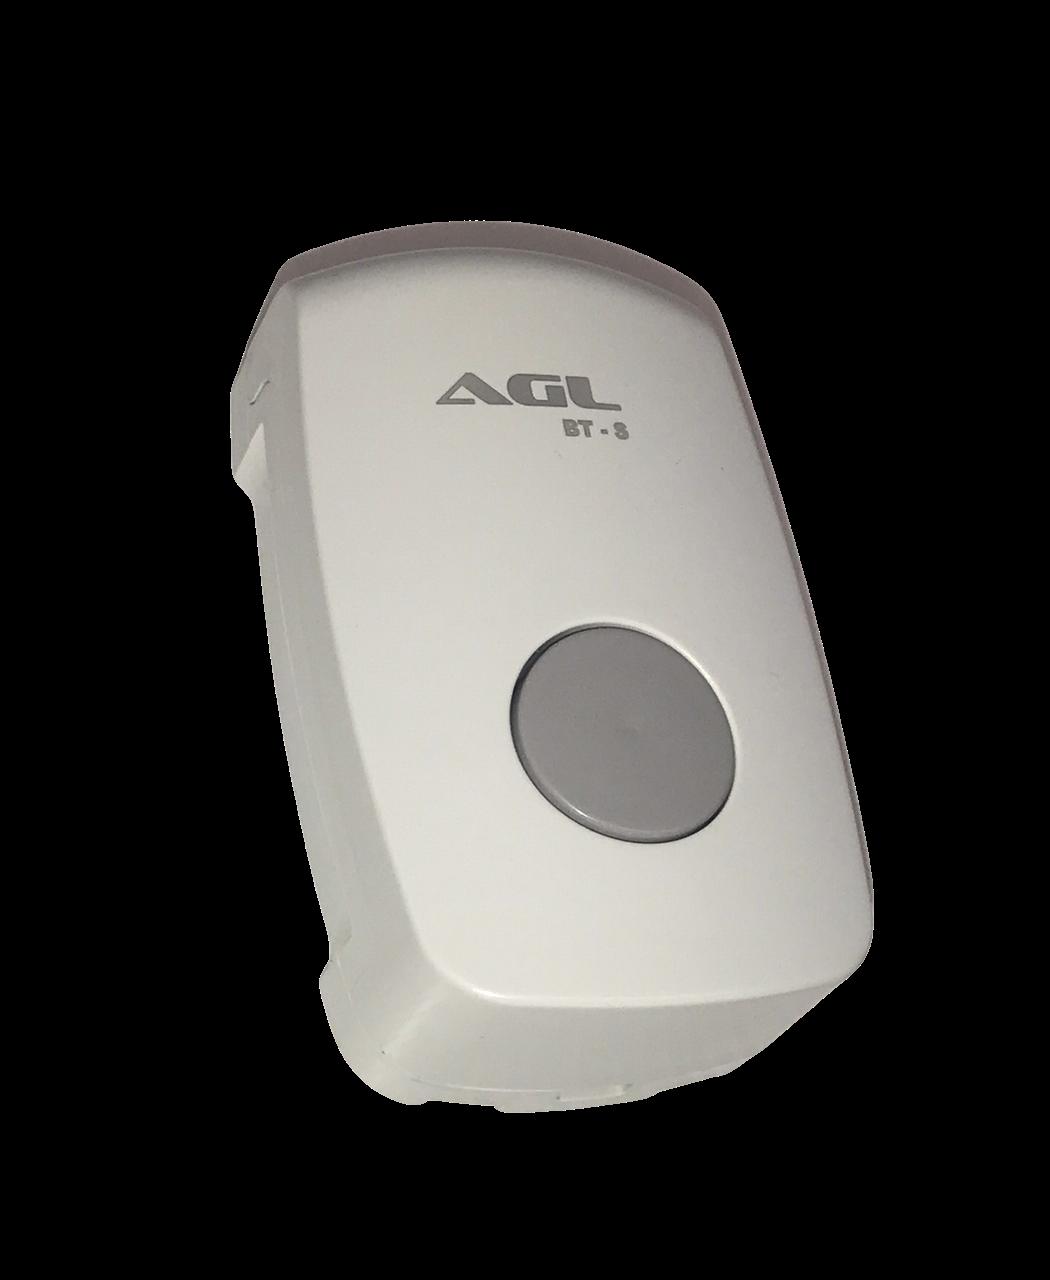 Botoeira Acionador Simples BT-S Contato Seco (N.A./N.F) Agl